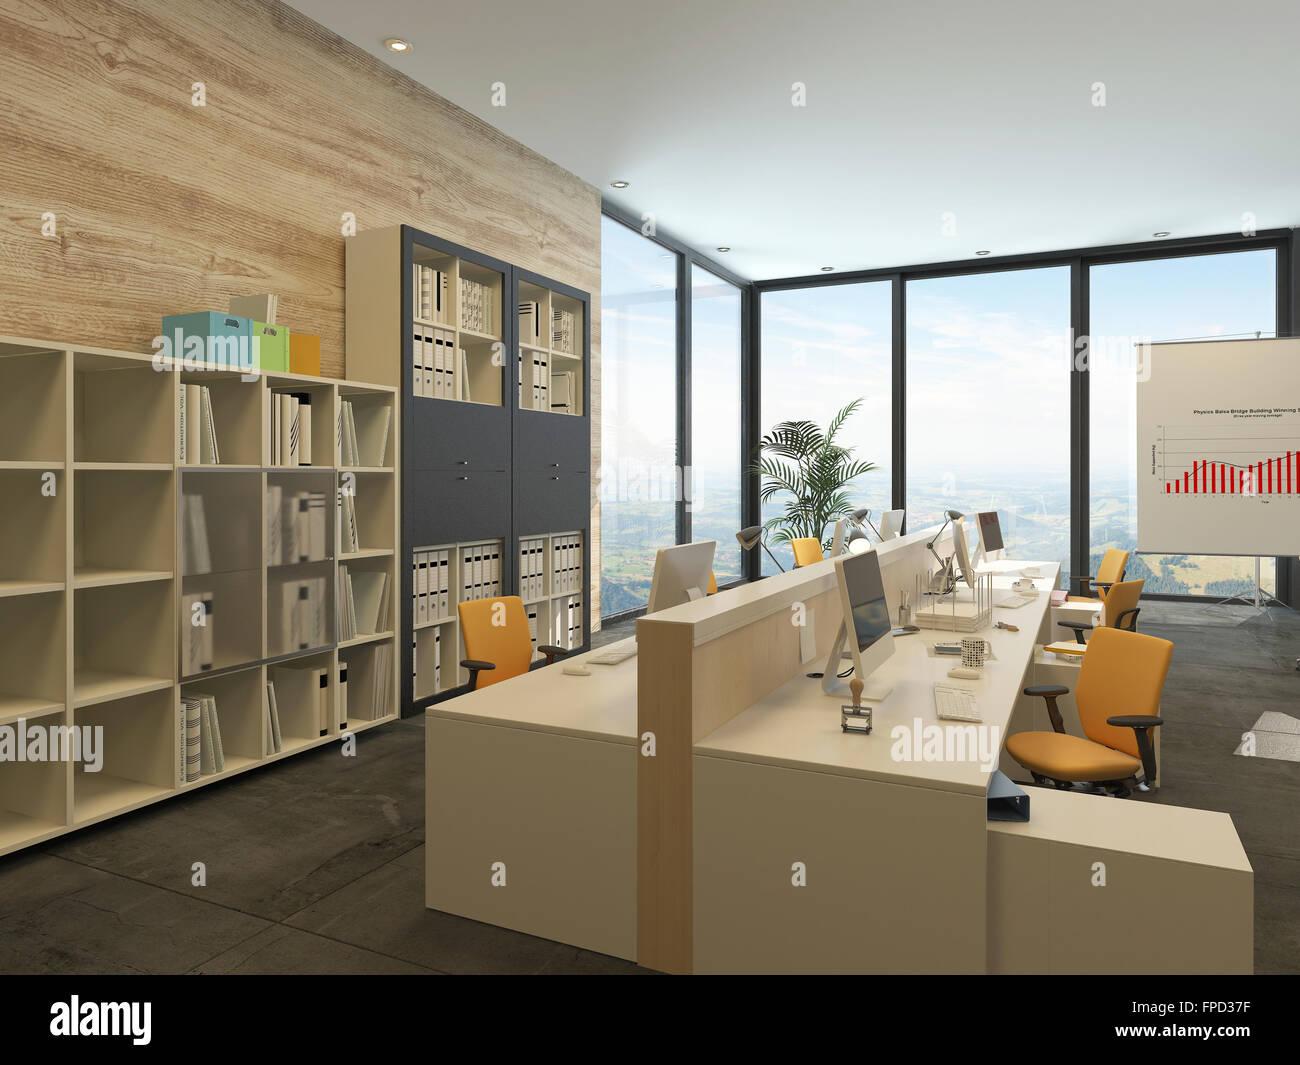 Ufficio Moderno Sa : Moderno ufficio open space con più workstation in una spaziosa